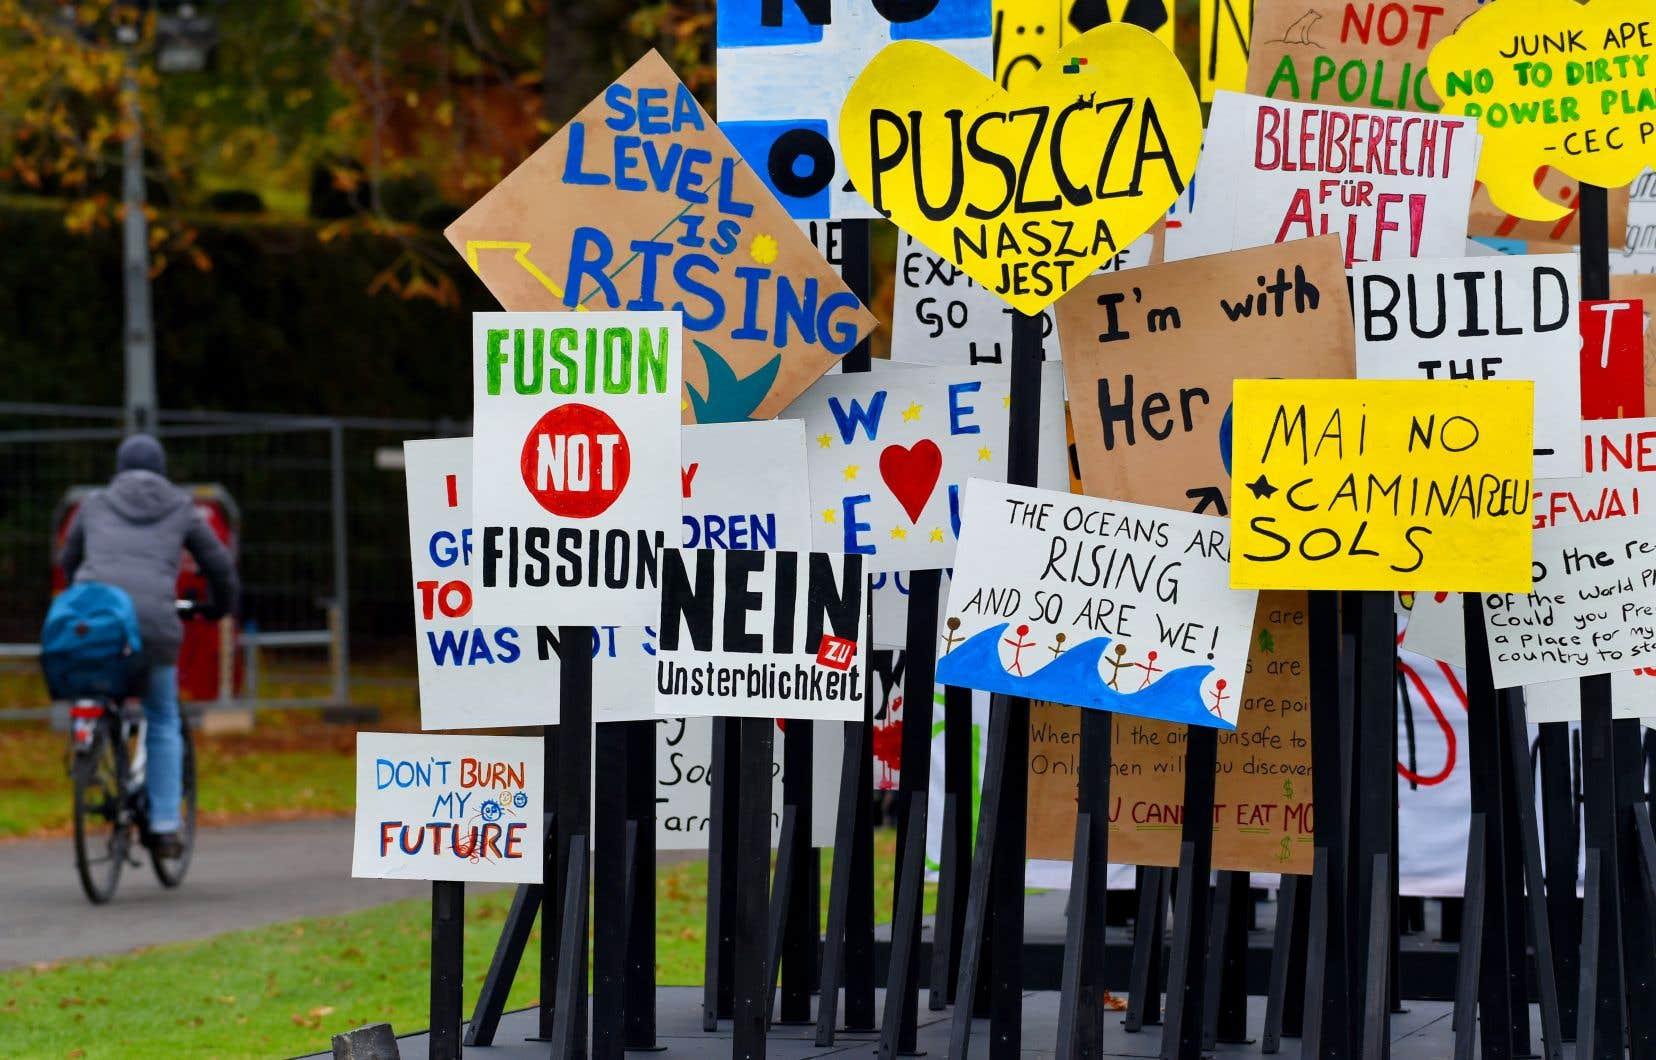 En novembre dernier, lors de la Conférence de Bonn, en Allemagne, plus de 15 000 scientifiques provenant de 184 pays concluaient que depuis 25 ans, la réponse de l'humanité se résume à un échec quasi généralisé.